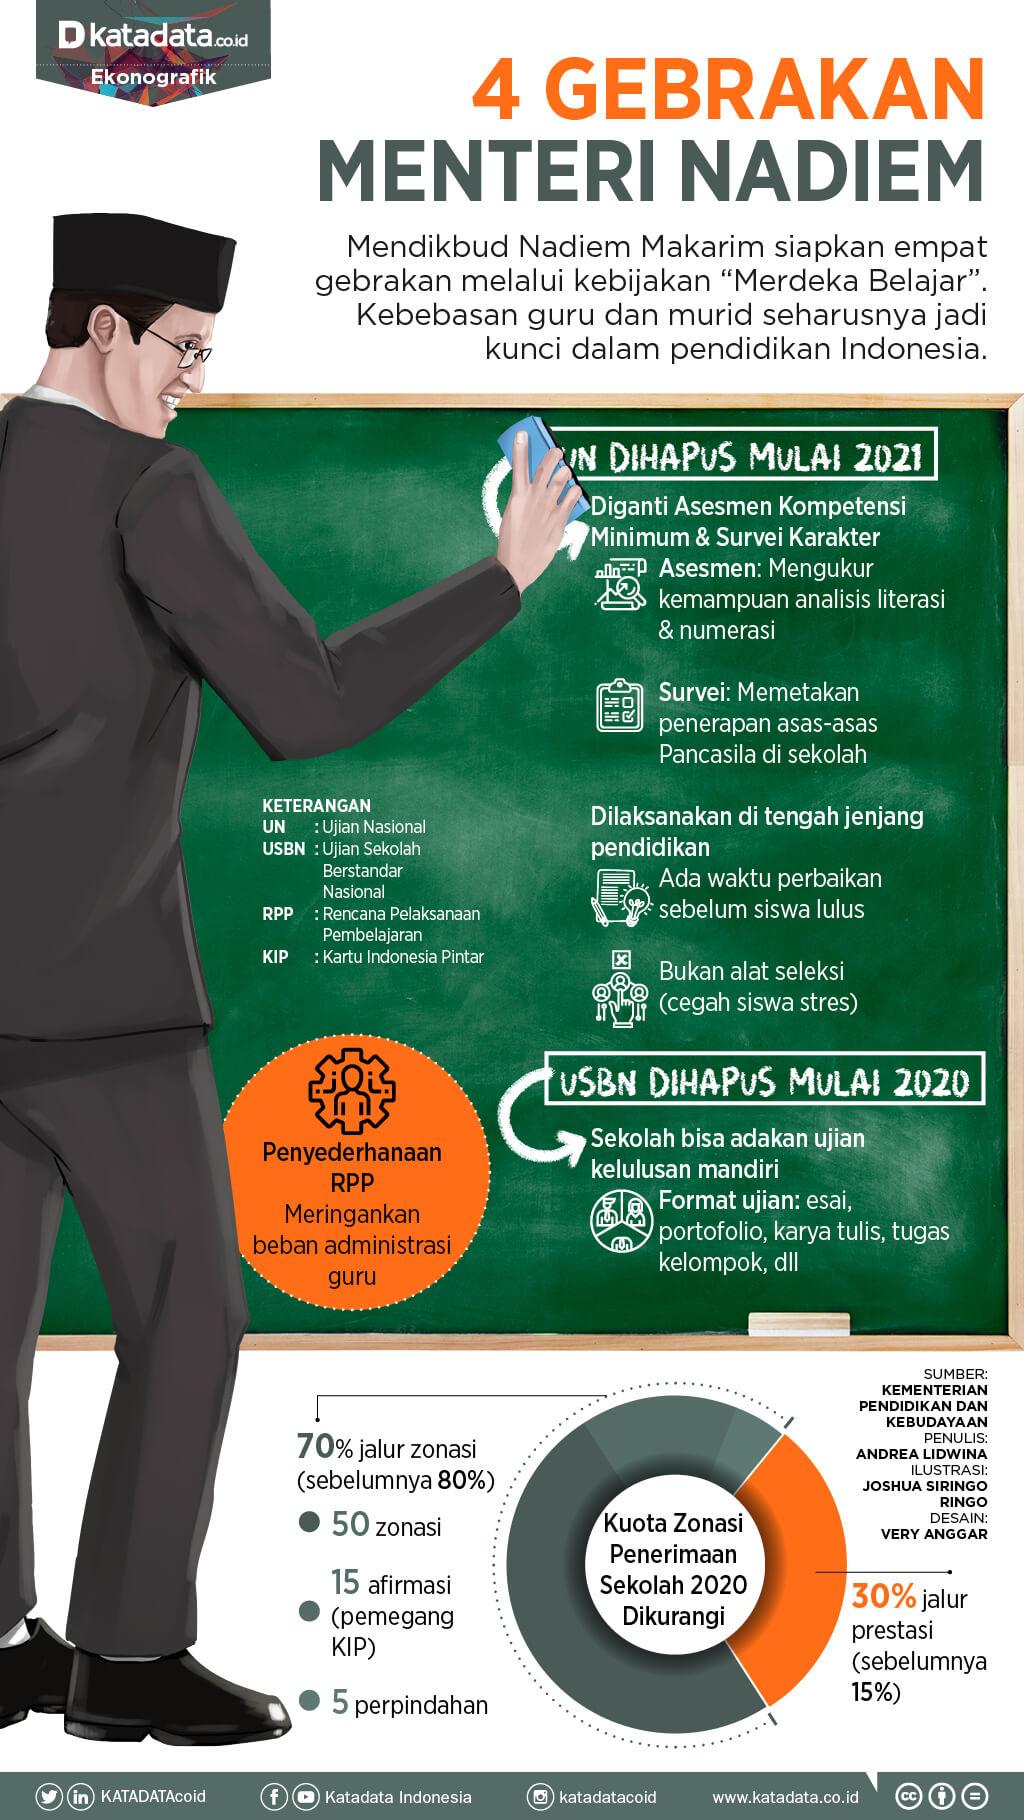 inilah deretan gebrakan mendikbud nadiem makarim terbaru untuk pendidikan di indonesia